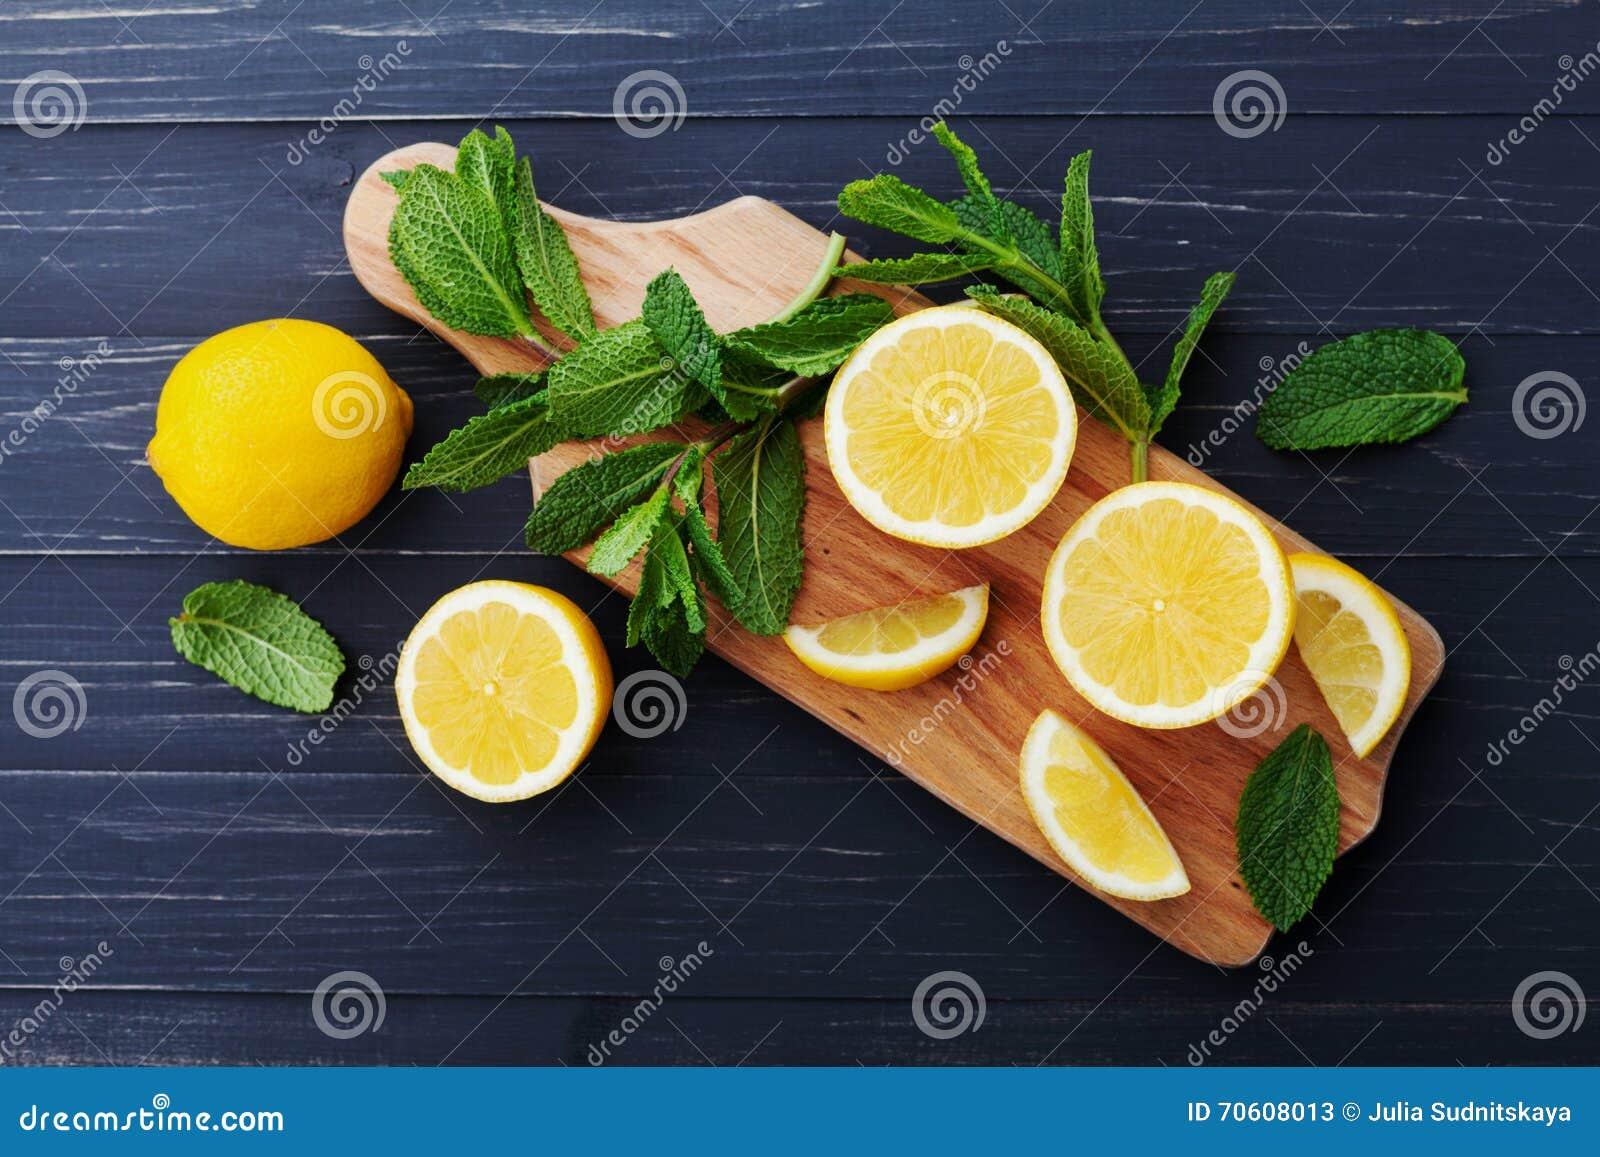 Τα φύλλα λεμονιών και μεντών εξυπηρέτησαν στον ξύλινο πίνακα κουζινών στο μαύρο αγροτικό πίνακα, το συστατικό για τα θερινά κοκτέ